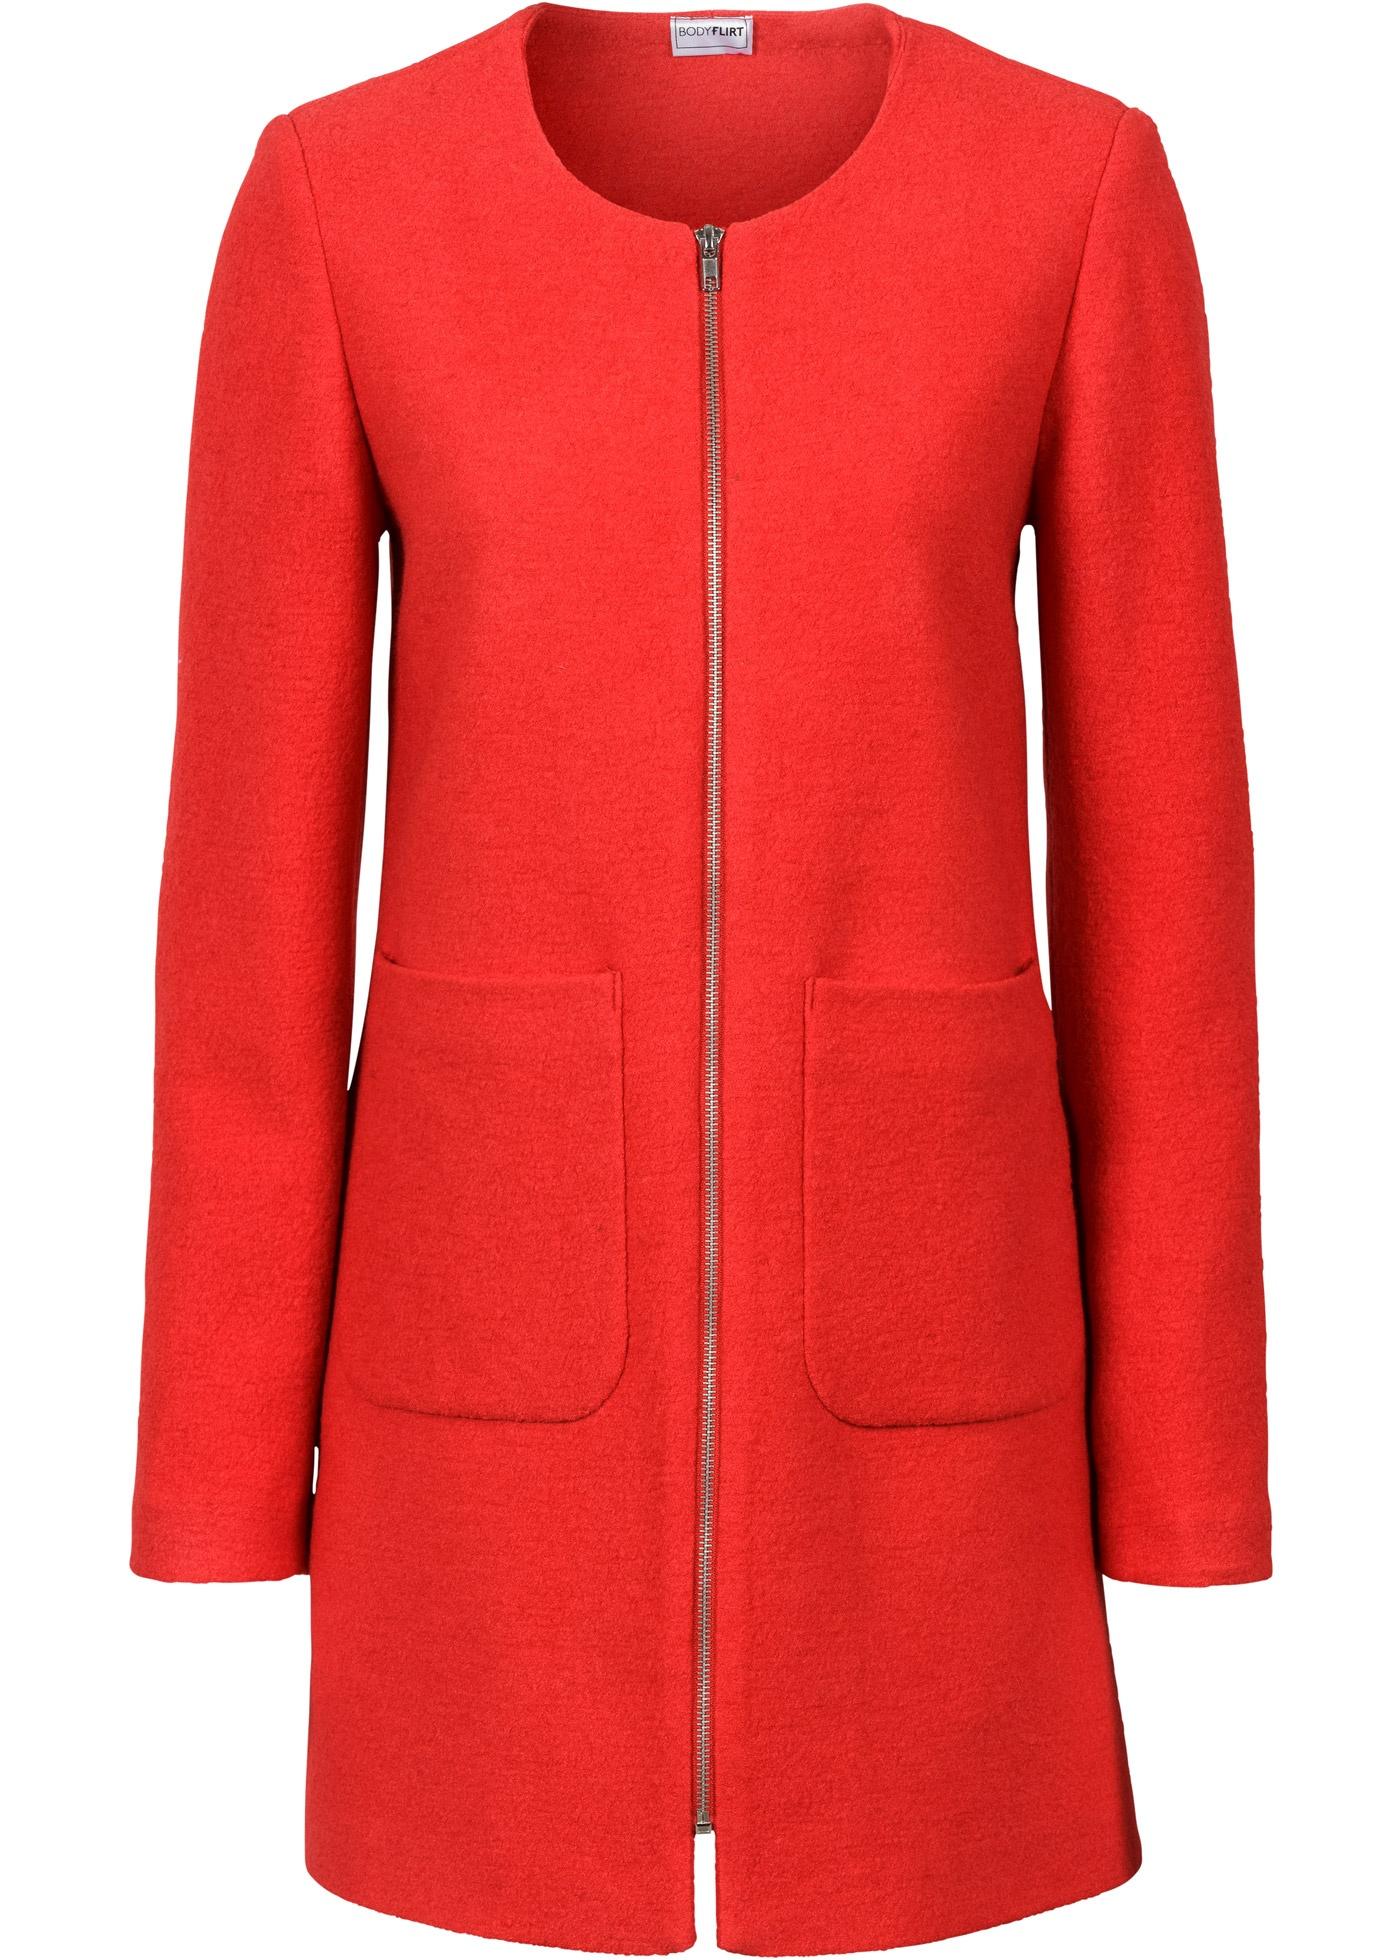 mantel ohne kragen gr 46 erdbeere damenmantel coat parka. Black Bedroom Furniture Sets. Home Design Ideas